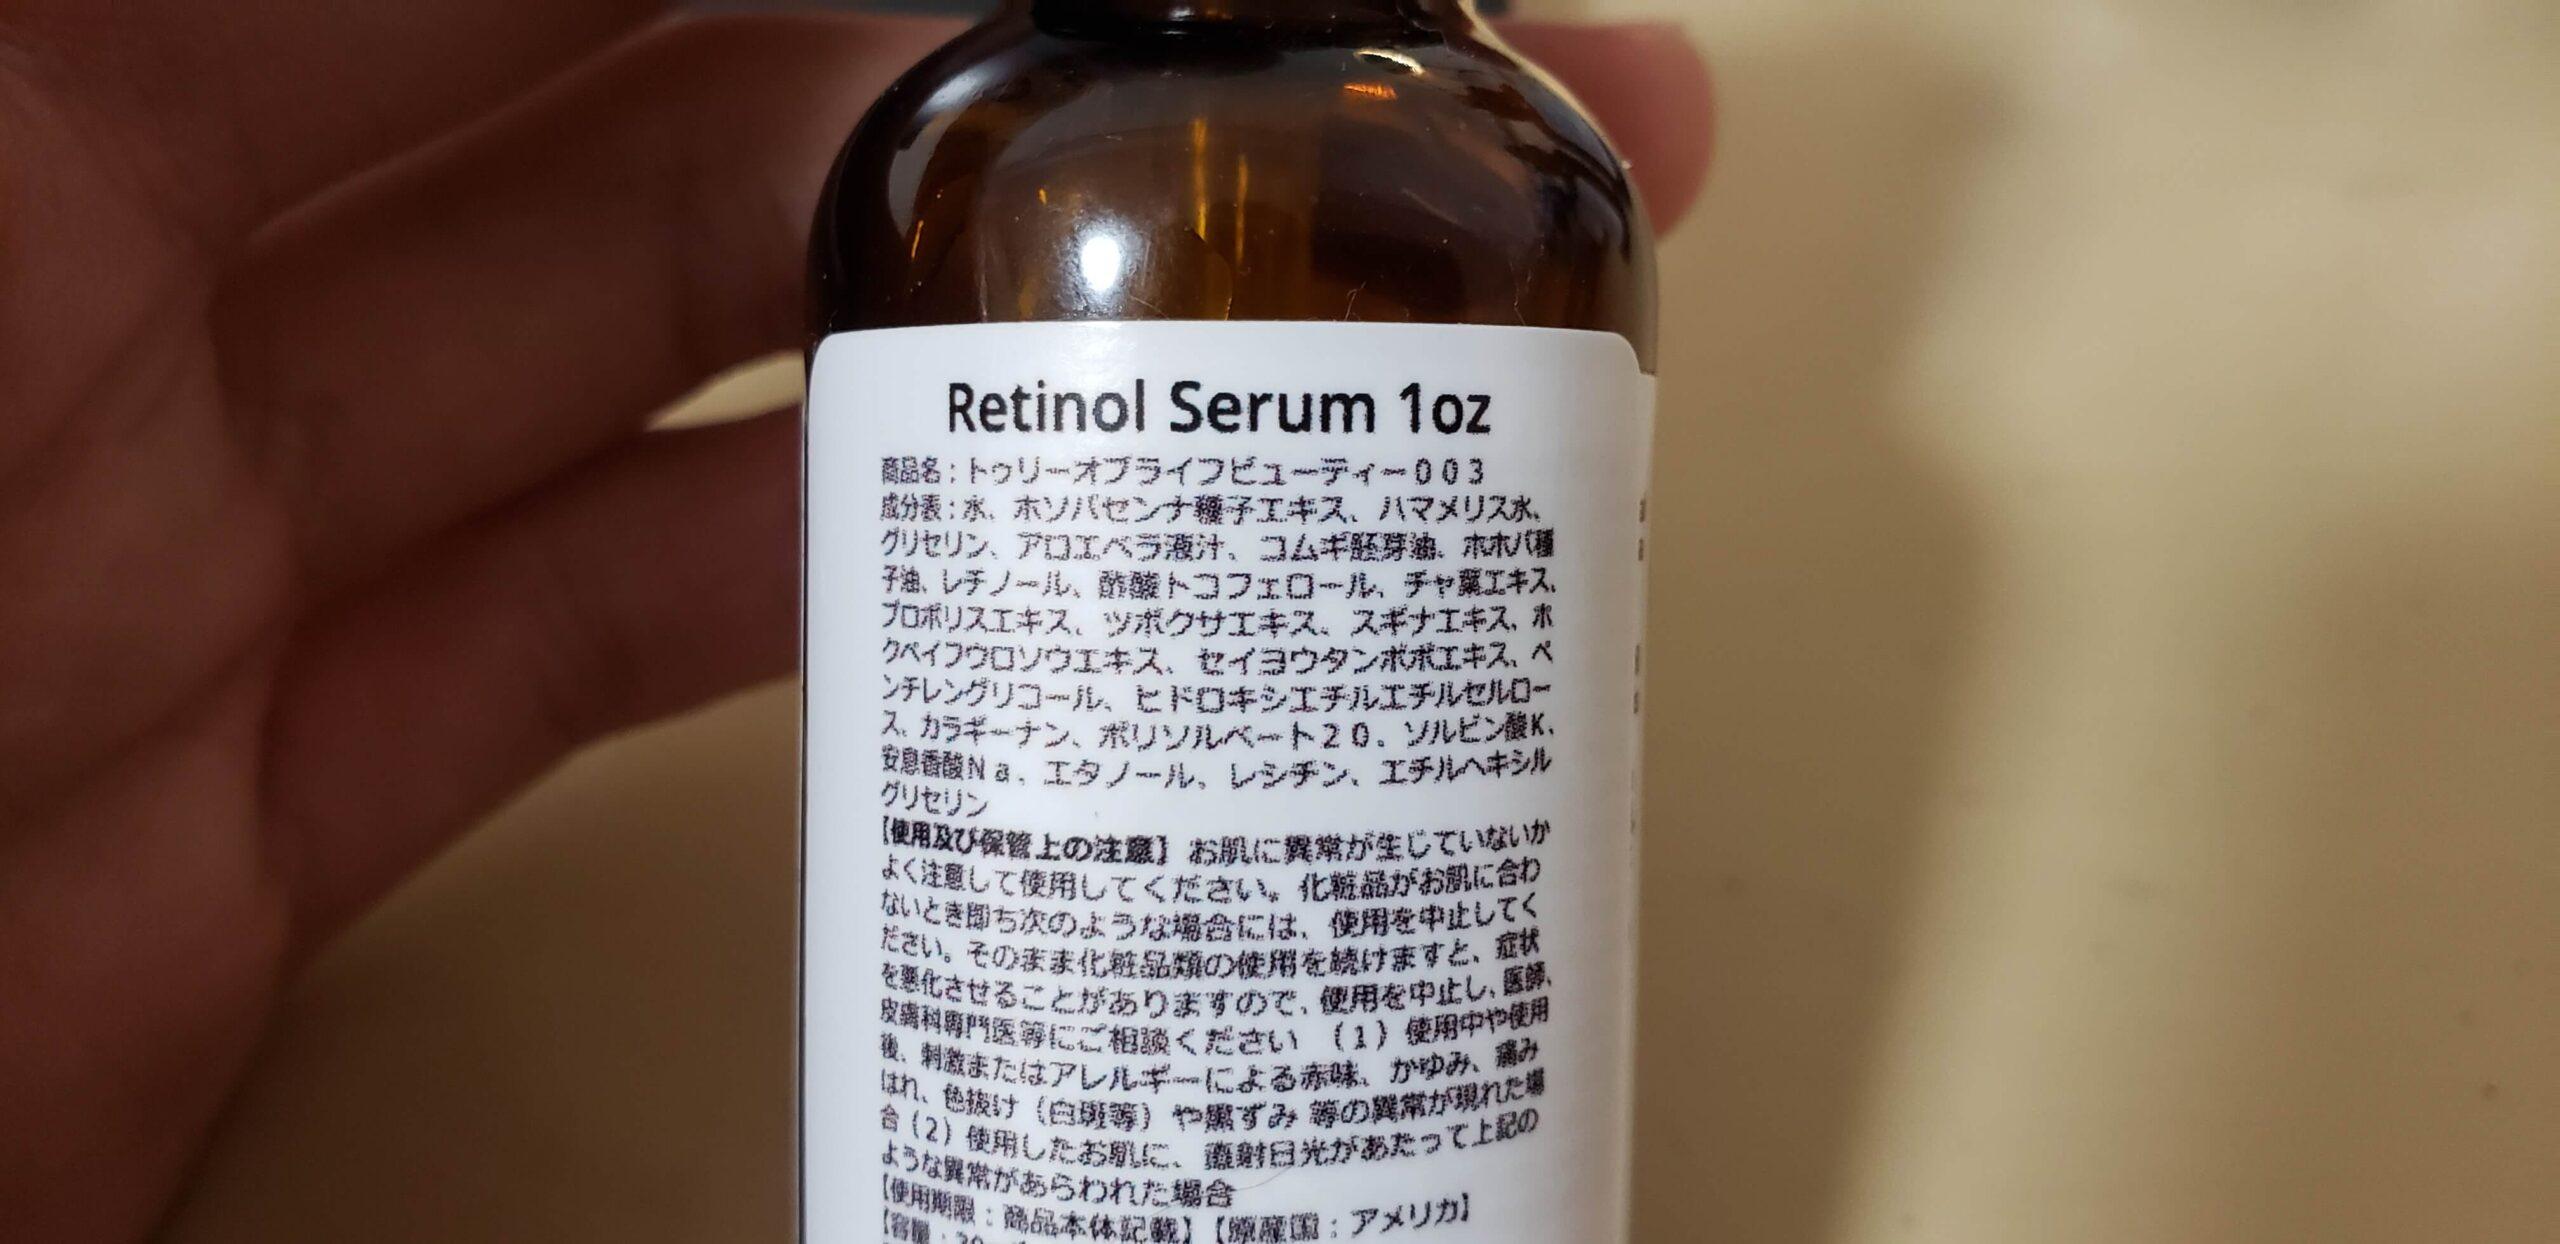 レチノールセラム【RETINOL SERUM】効能と成分